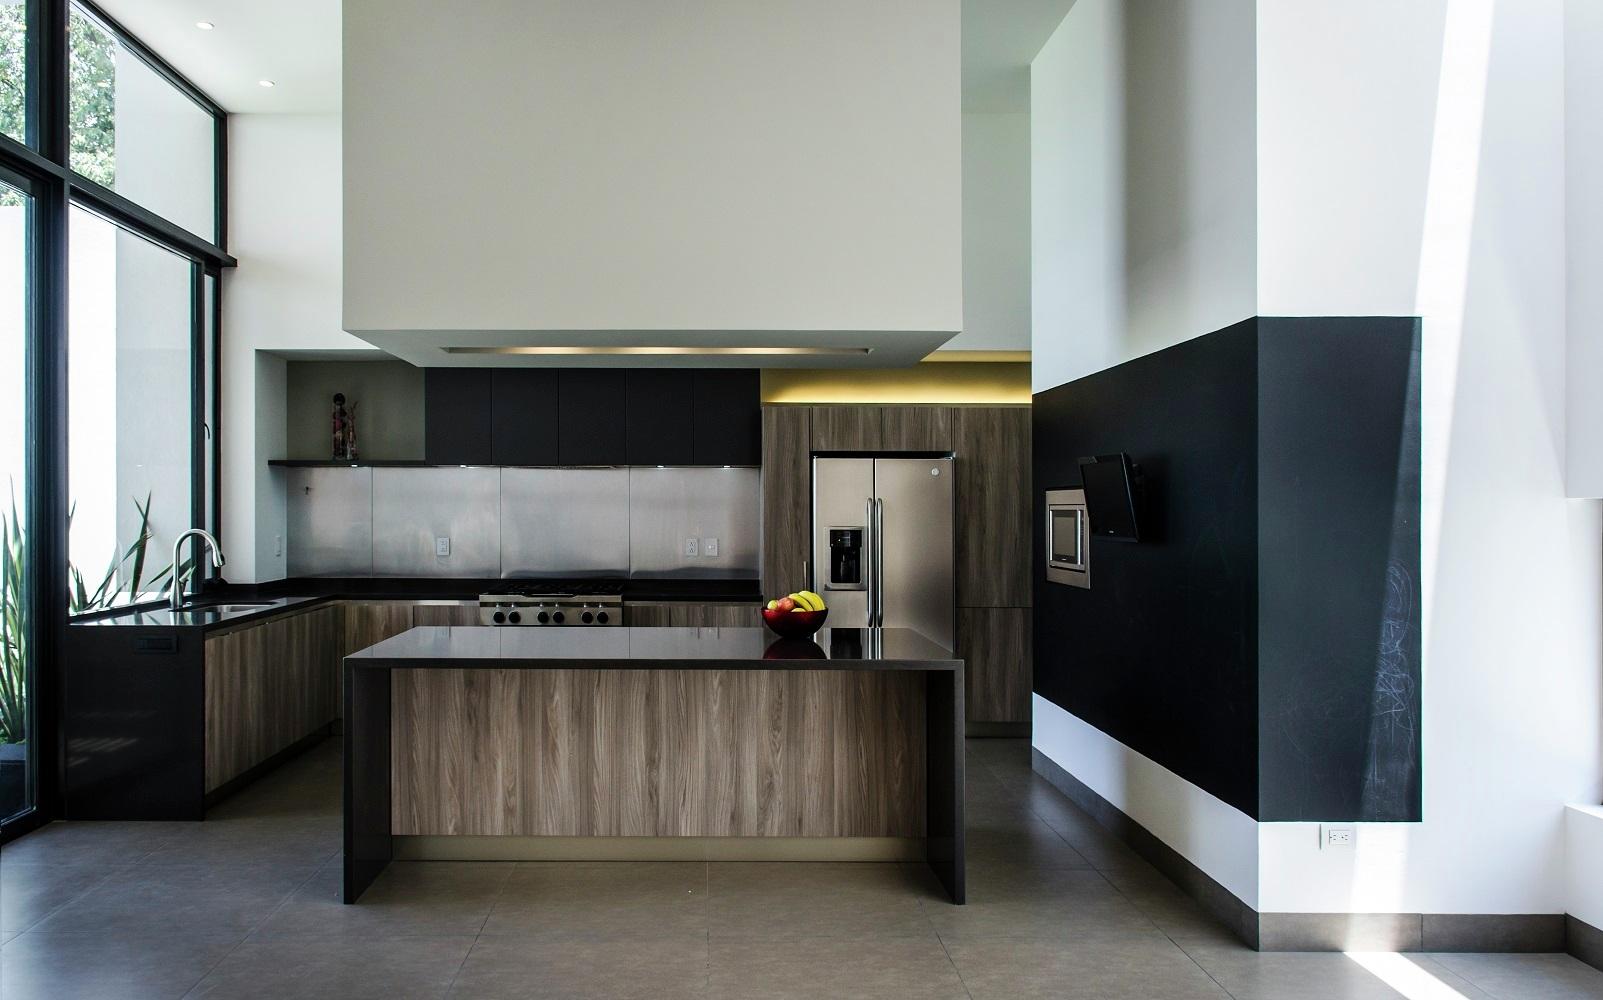 Galeria de casa b g adi arquitectura y dise o interior 15 for Arquitectura y diseno interior